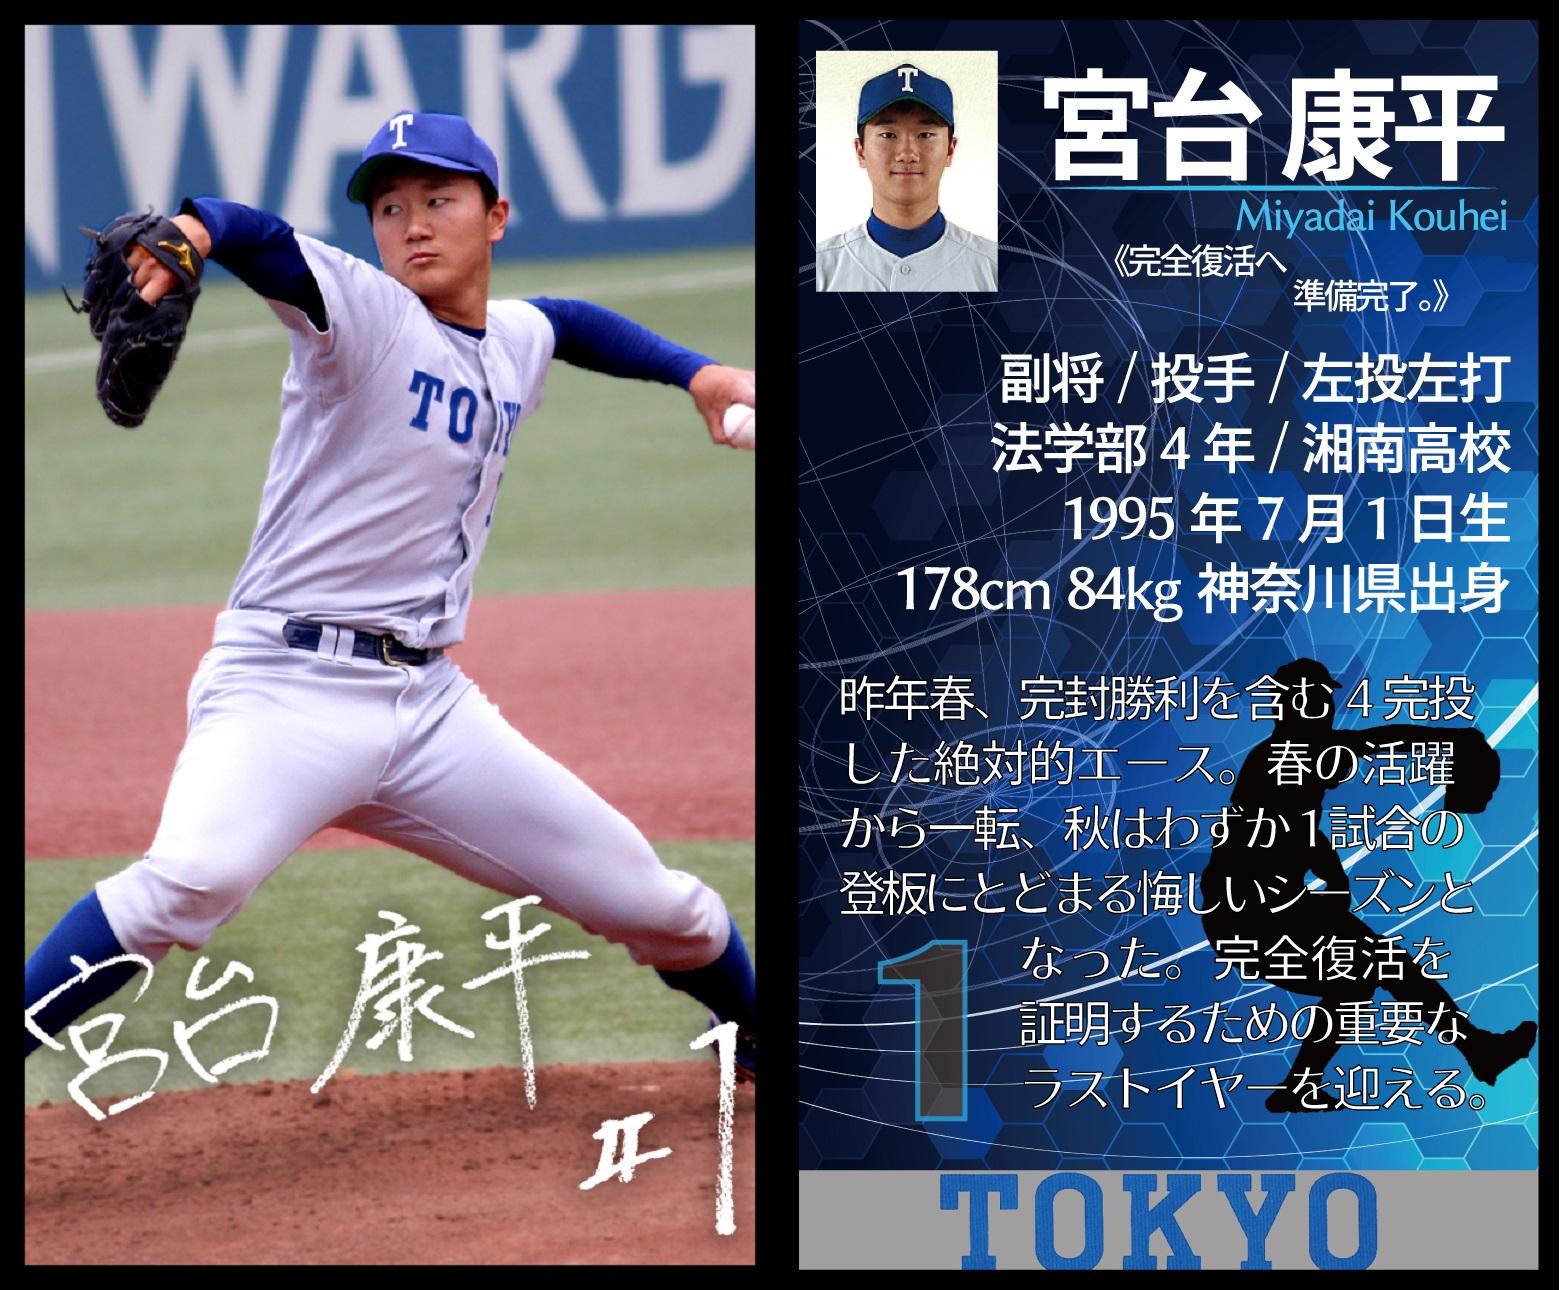 野球部01宮台ブロマイド